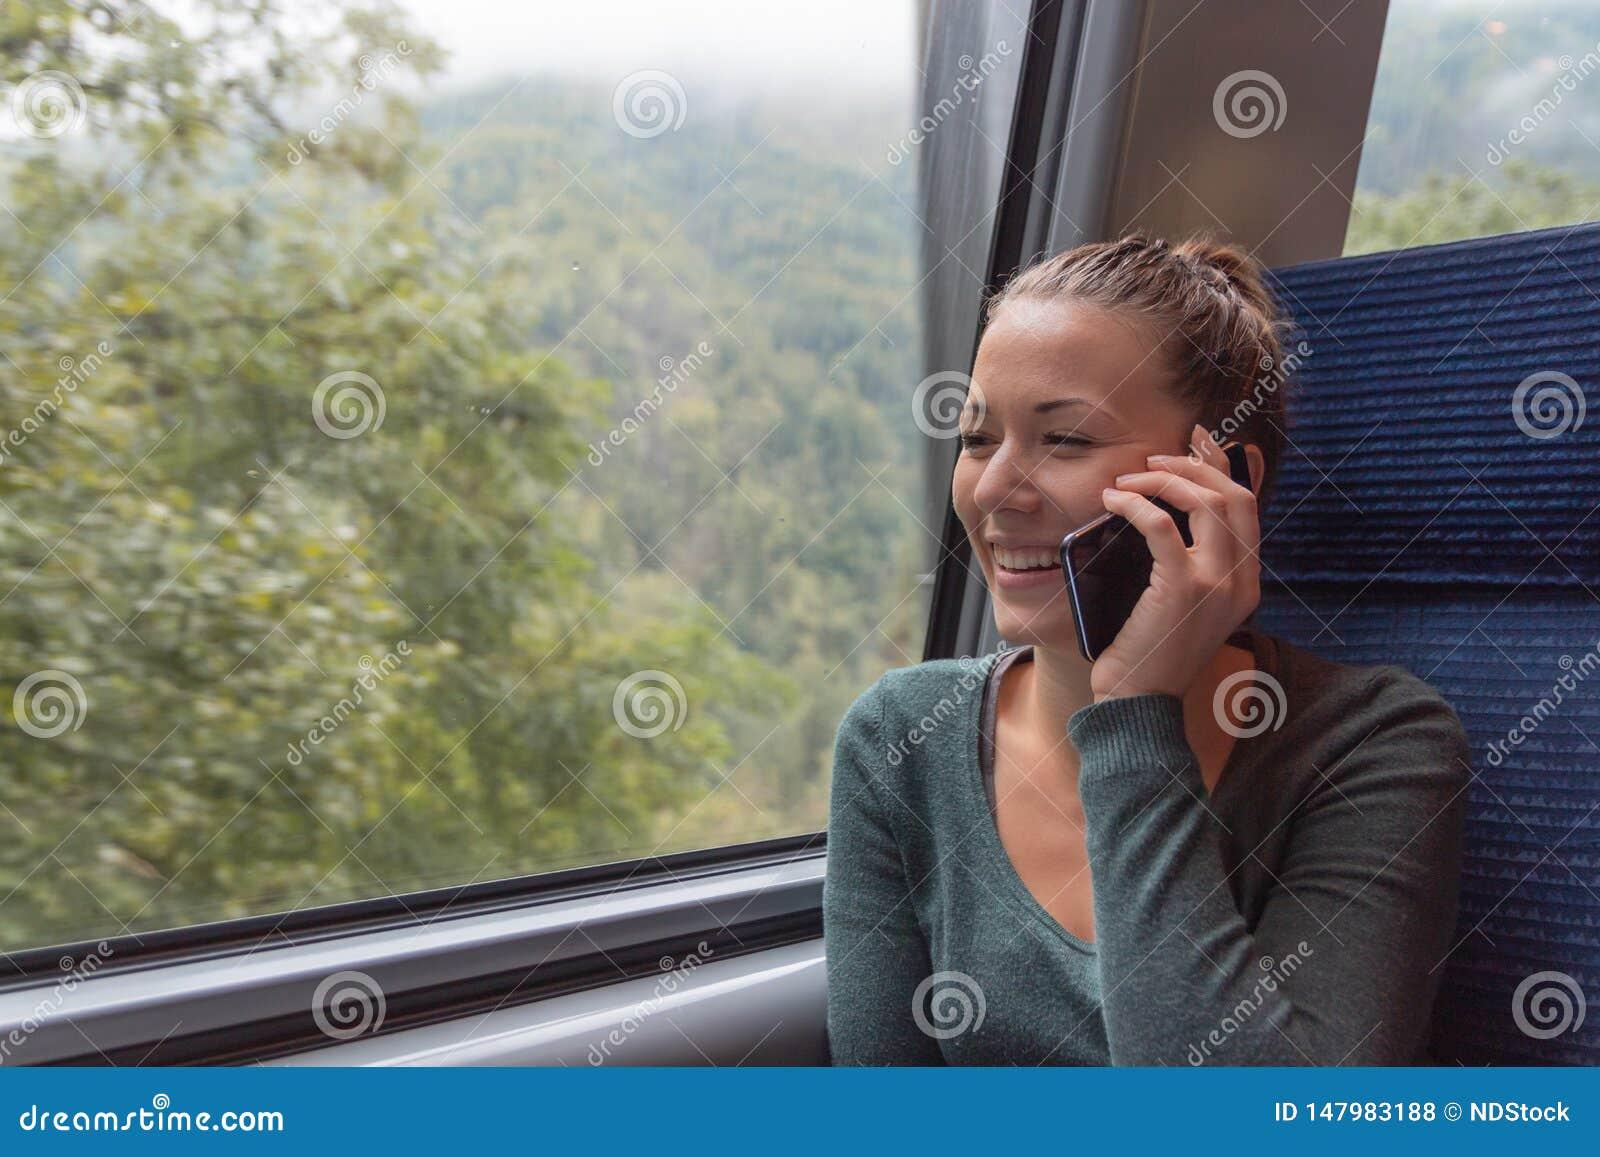 打电话与他的智能手机的年轻女人在火车的一次旅途期间,当她工作时